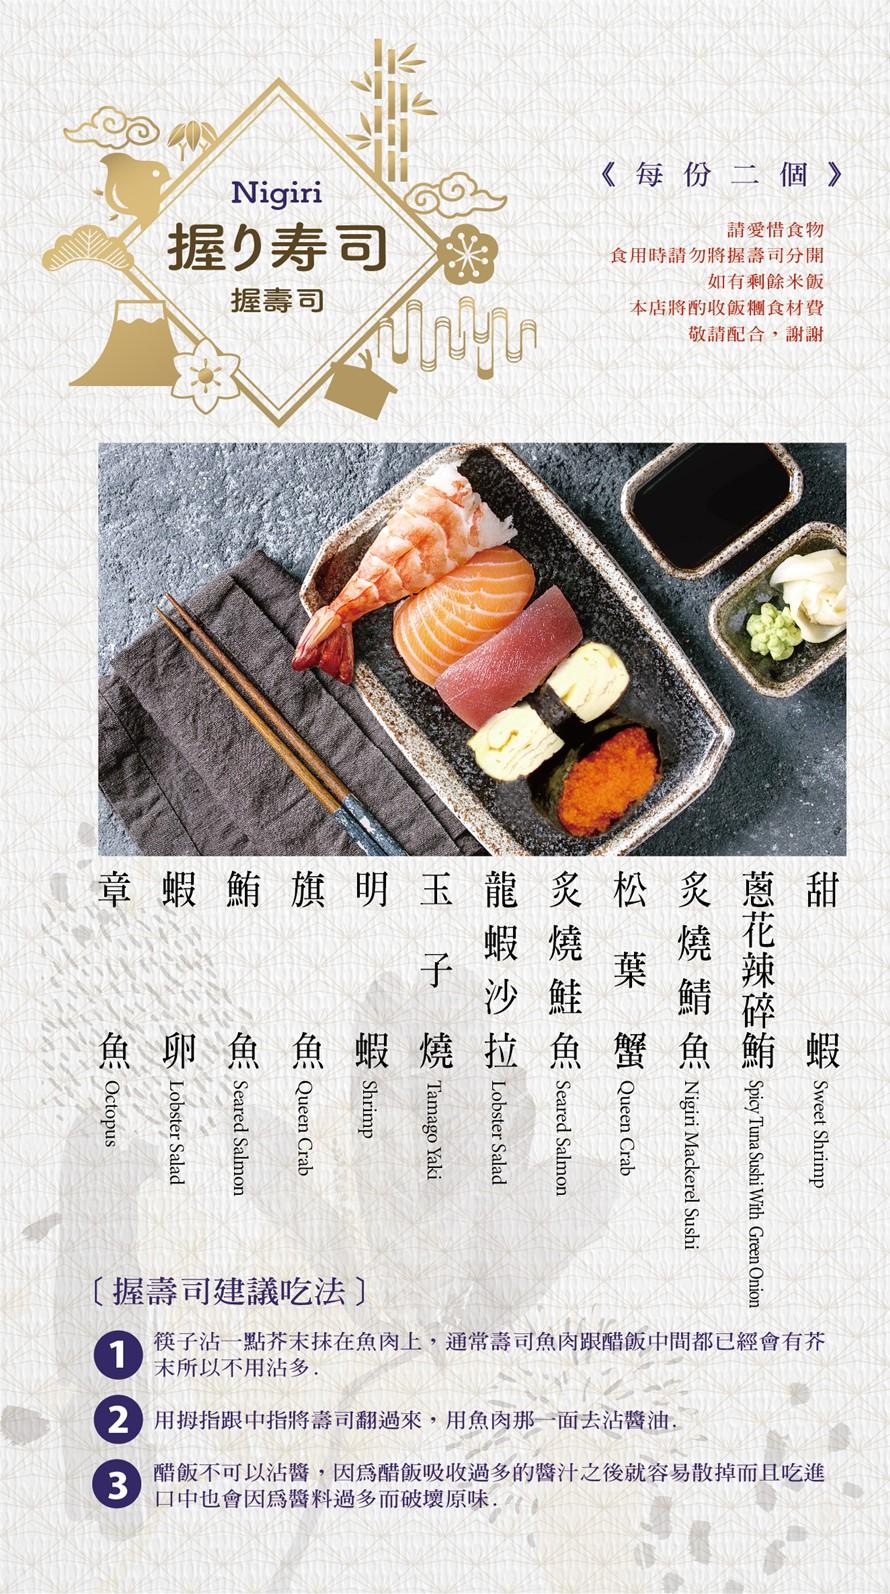 章魚、蝦卵、鮪魚、旗魚、明蝦、玉子燒、龍蝦沙拉、炙燒鮭魚、松葉蟹、炙燒鯖魚、蔥花辣碎鮪、甜蝦